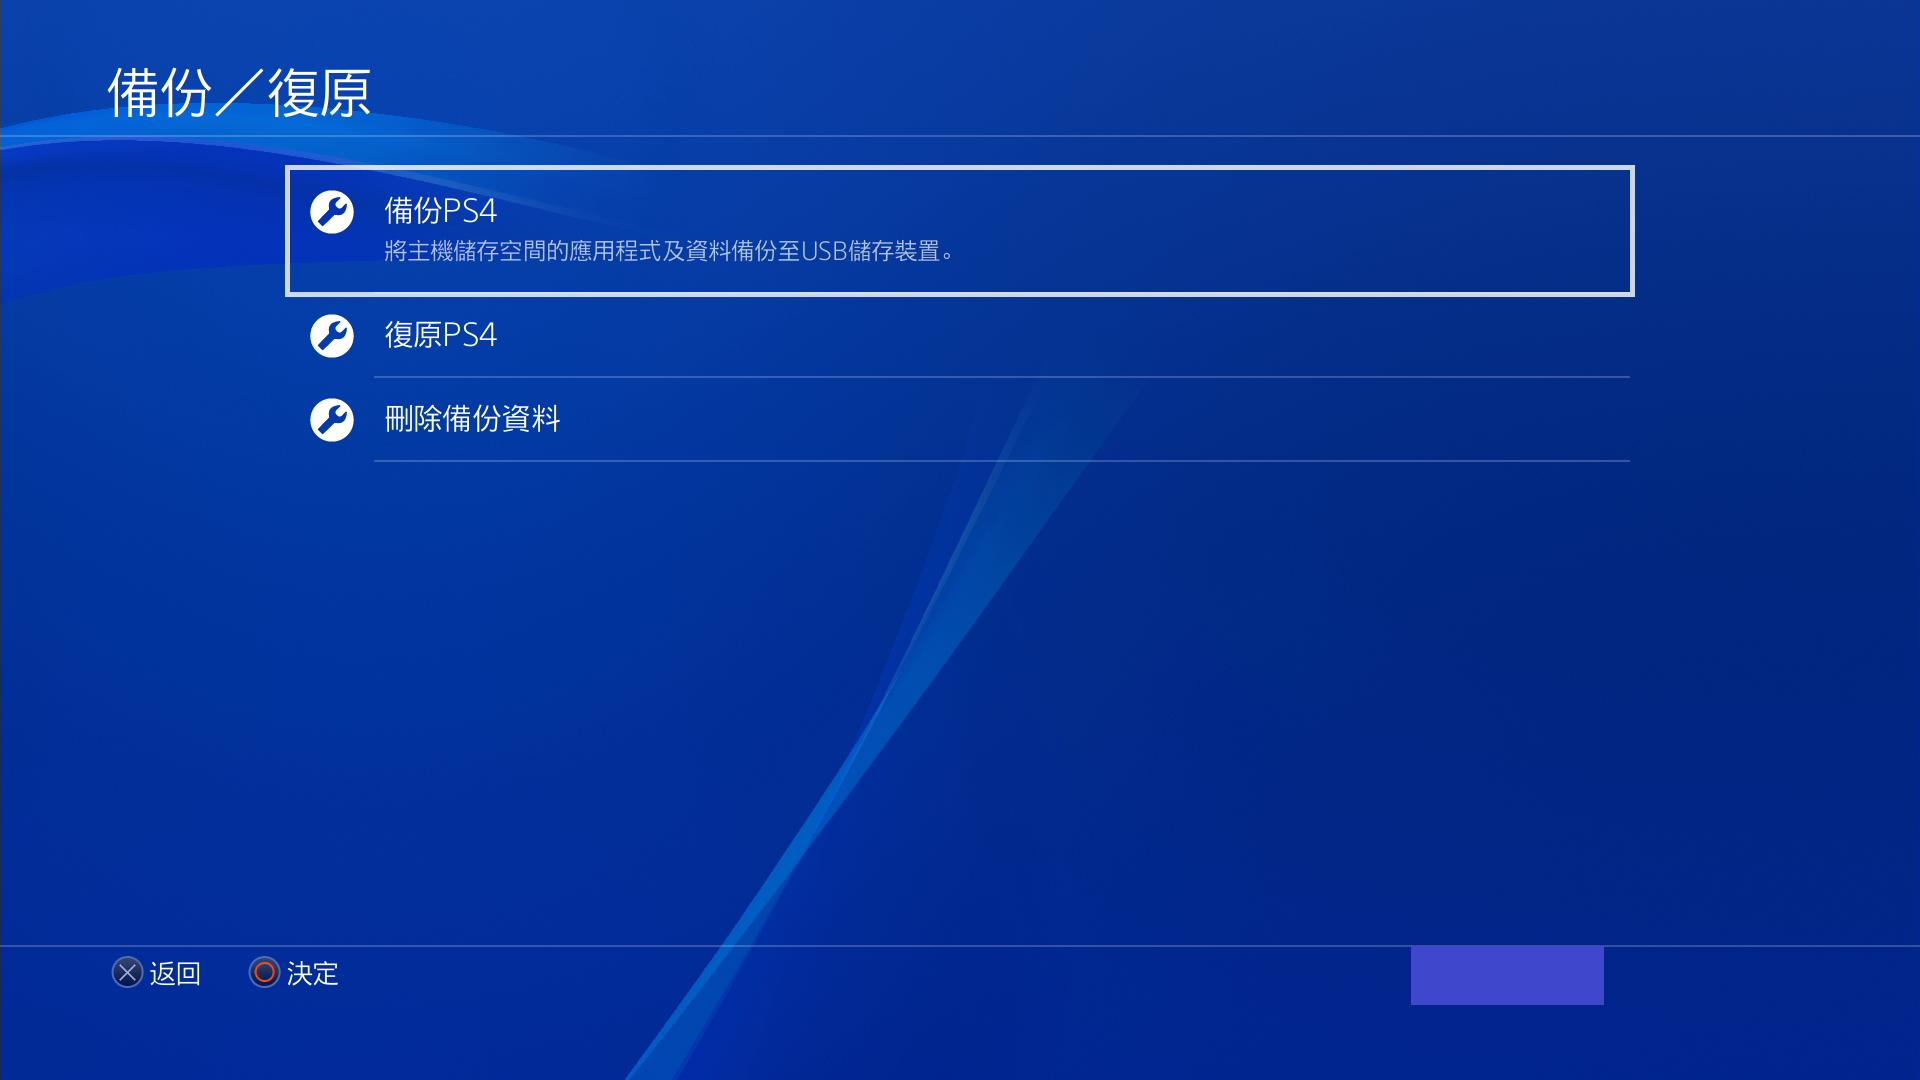 PS4新手篇-国行PS4备份方法详解